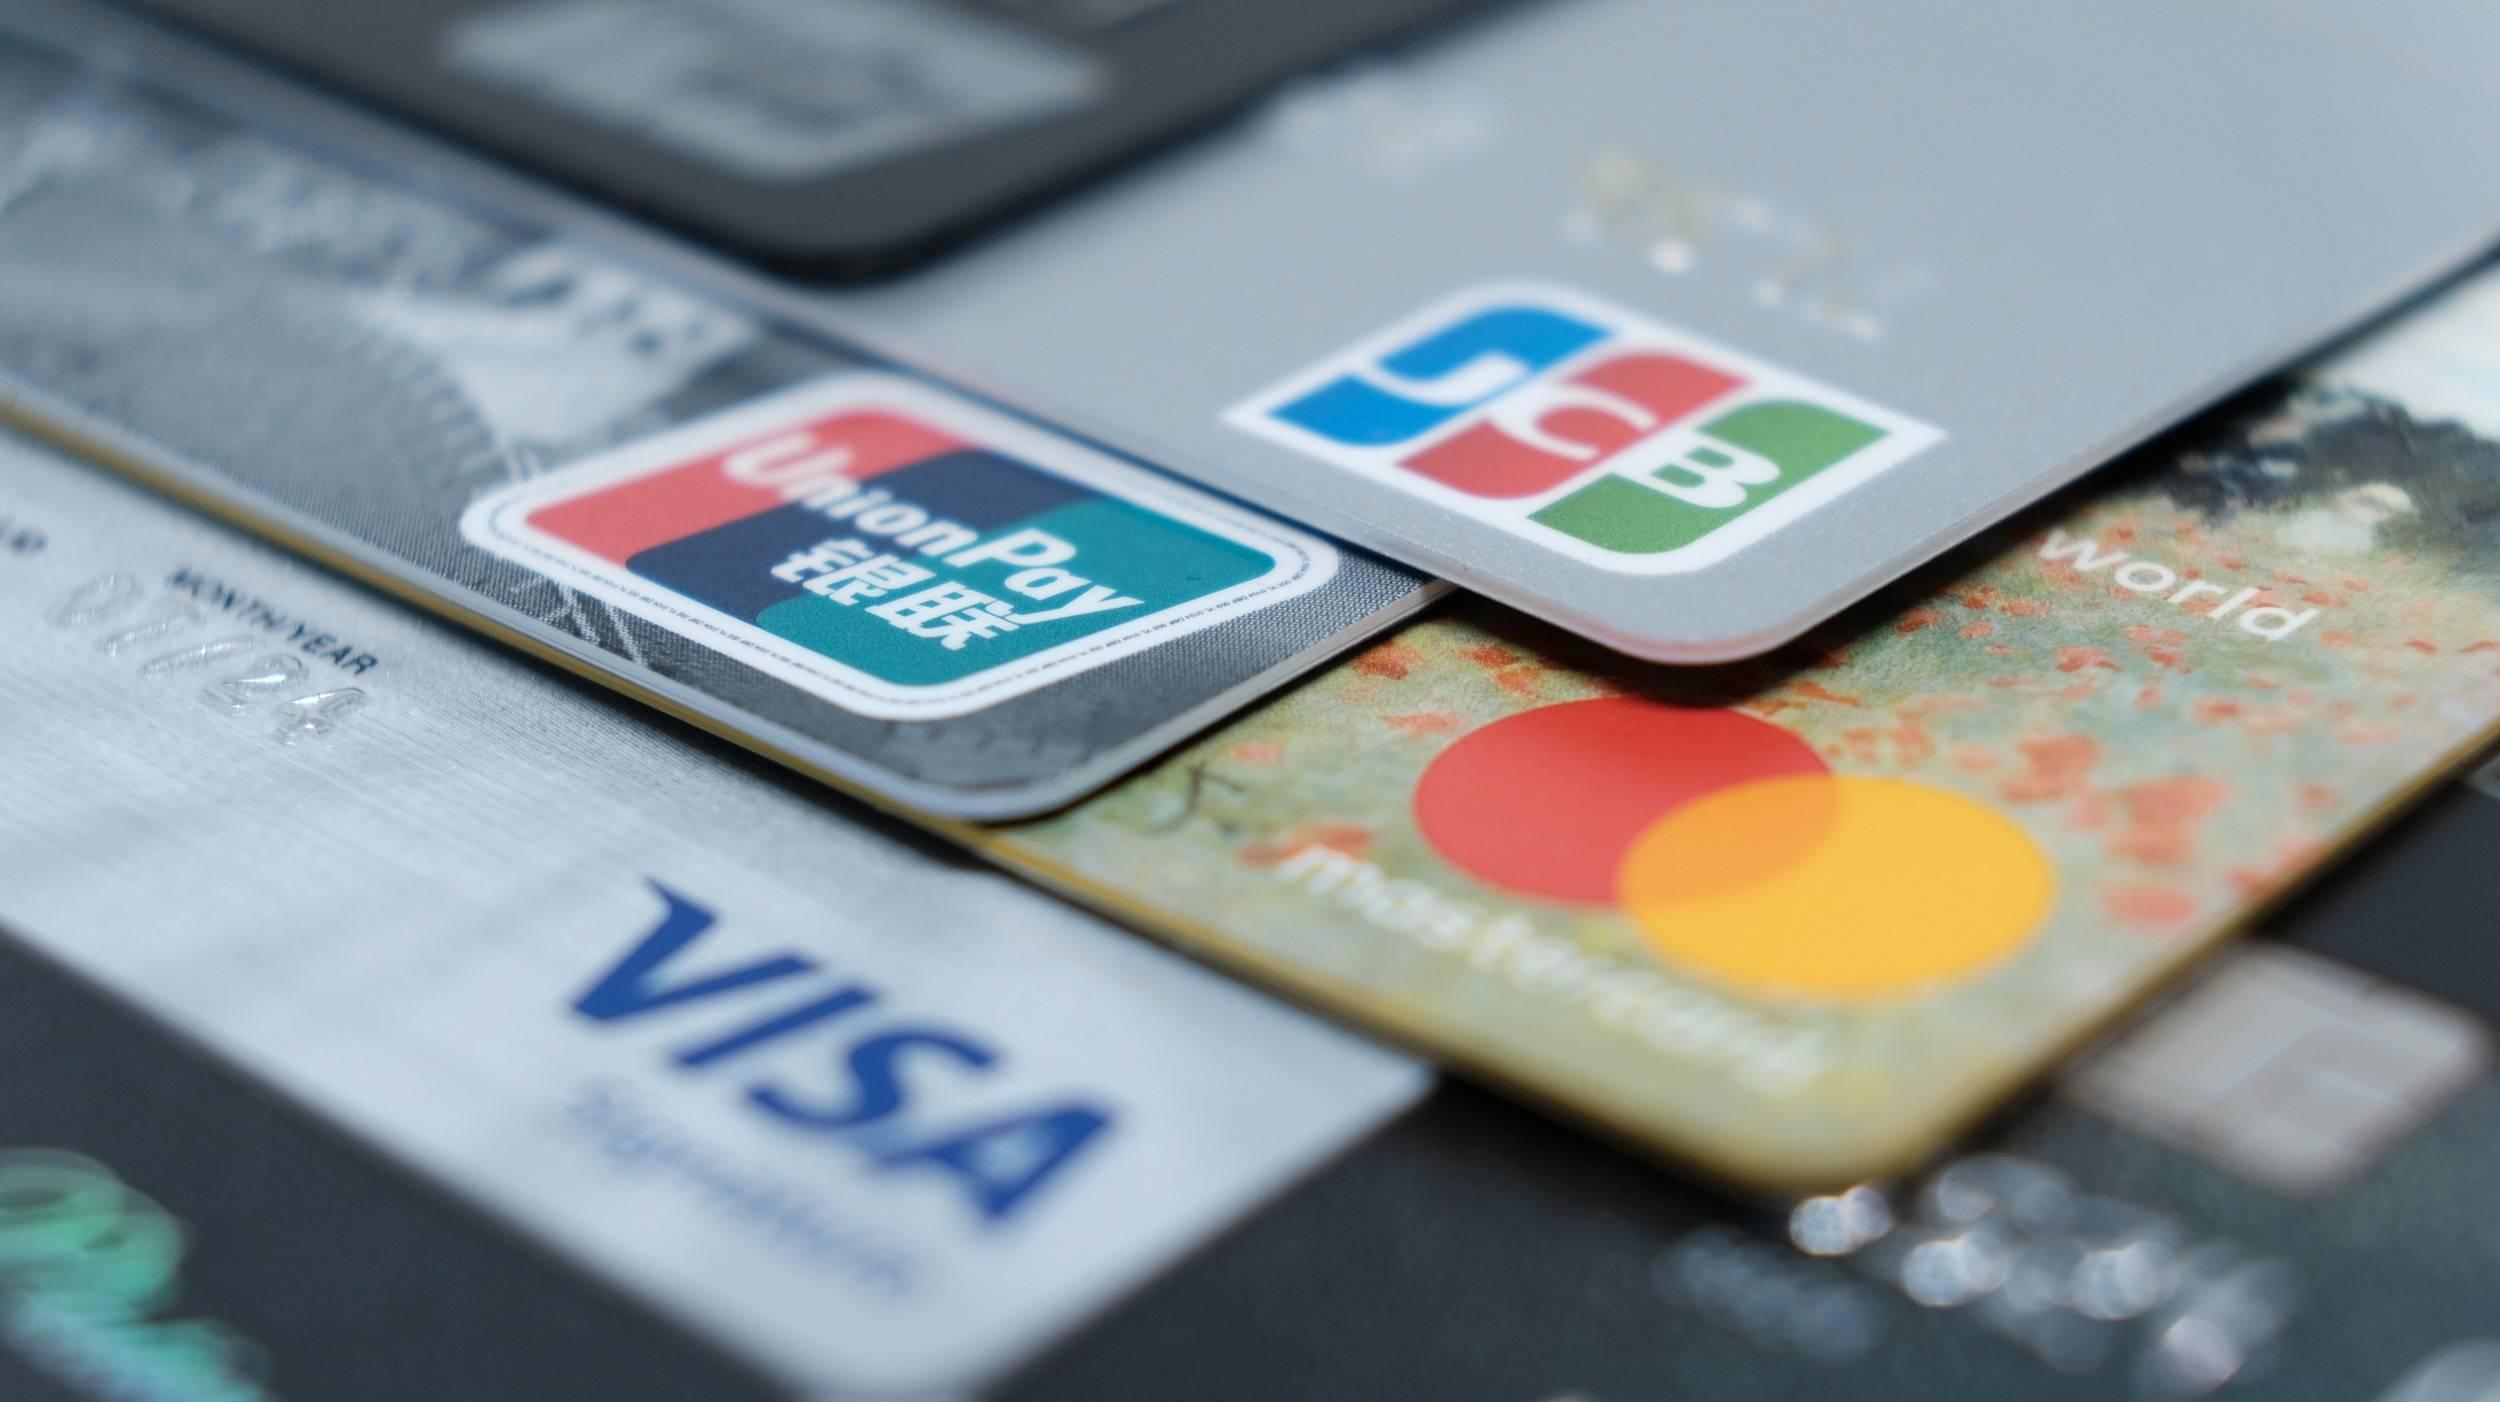 信用卡的破局时刻:新增不良贷款66亿,获客下沉郊区